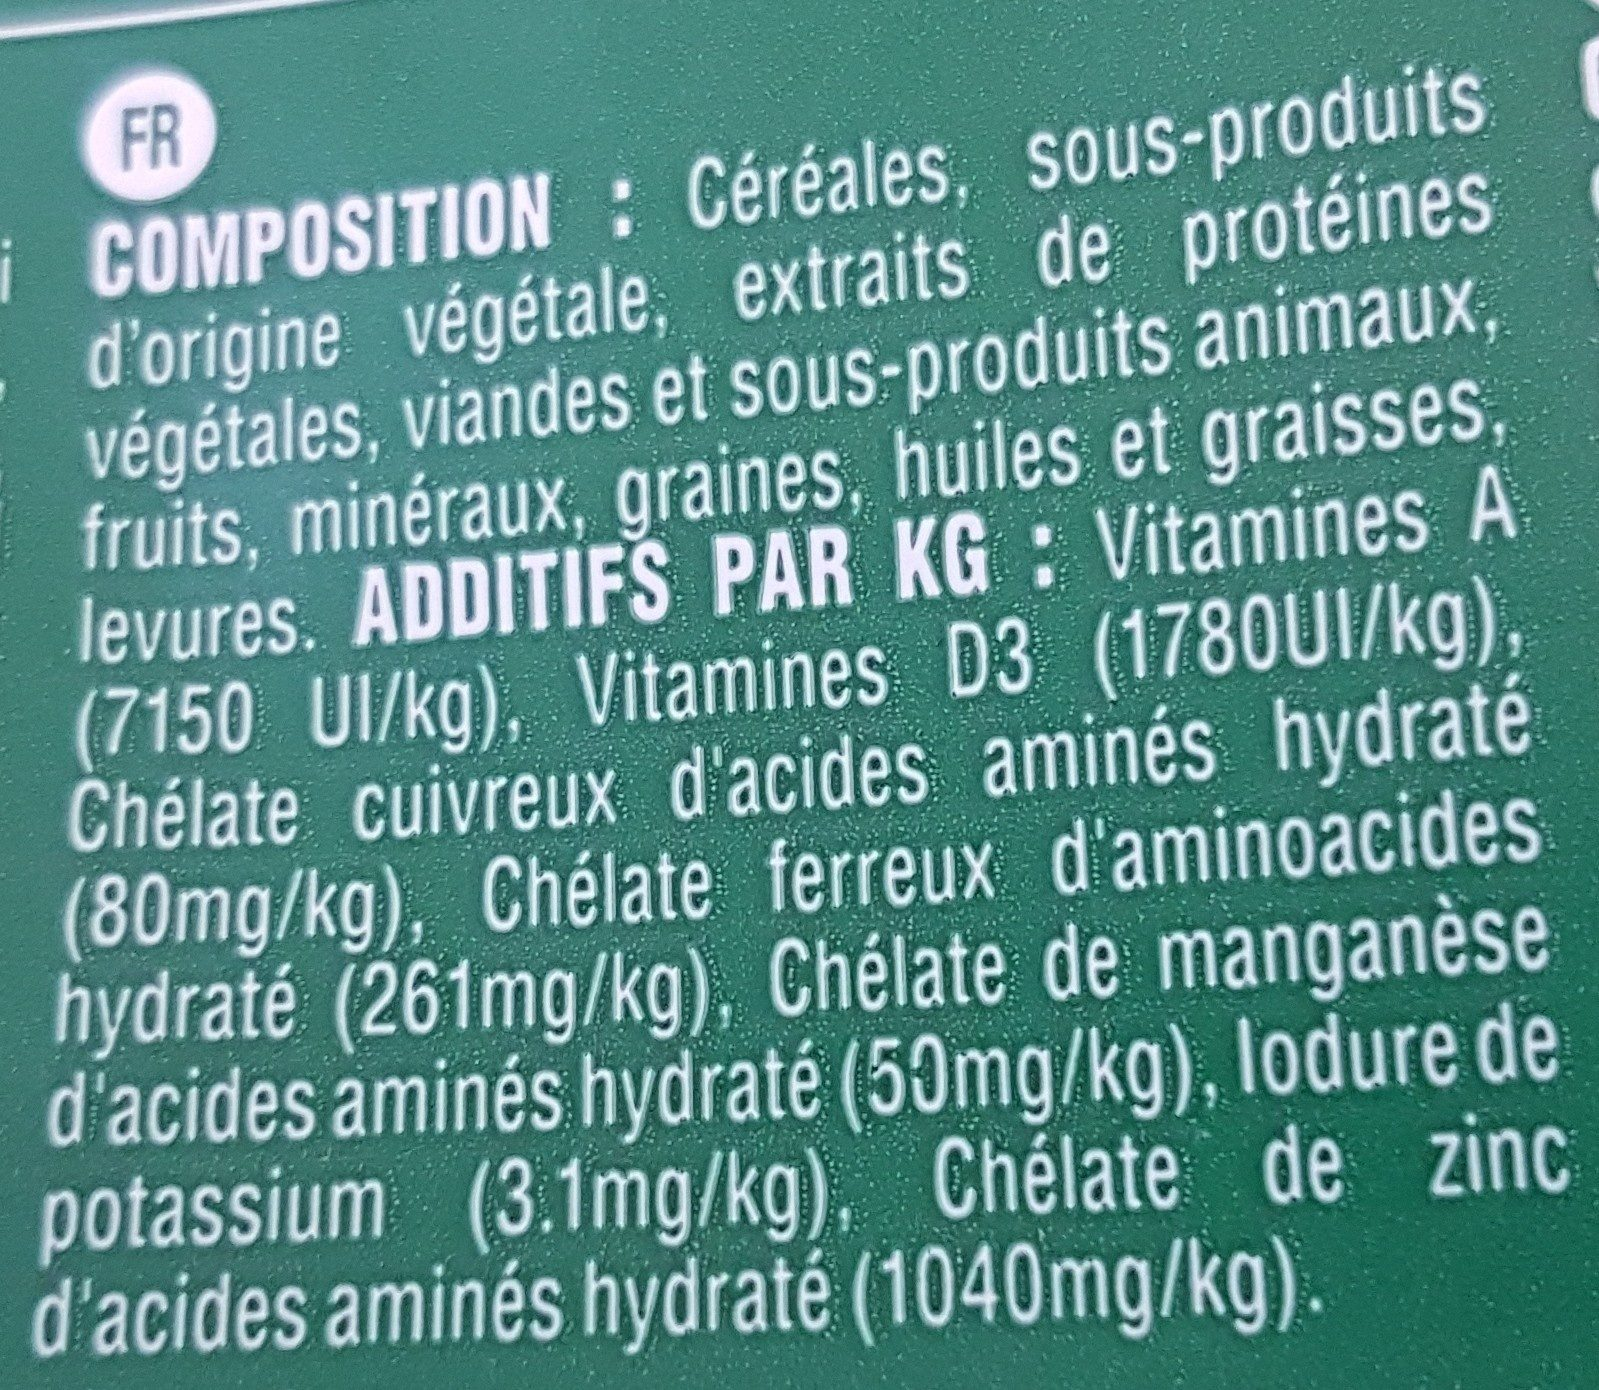 Greenies - Bâtonnets à Mâcher Pour L'hygiène Dentaire Pour Mini Chien - X43 - Ingredients - fr